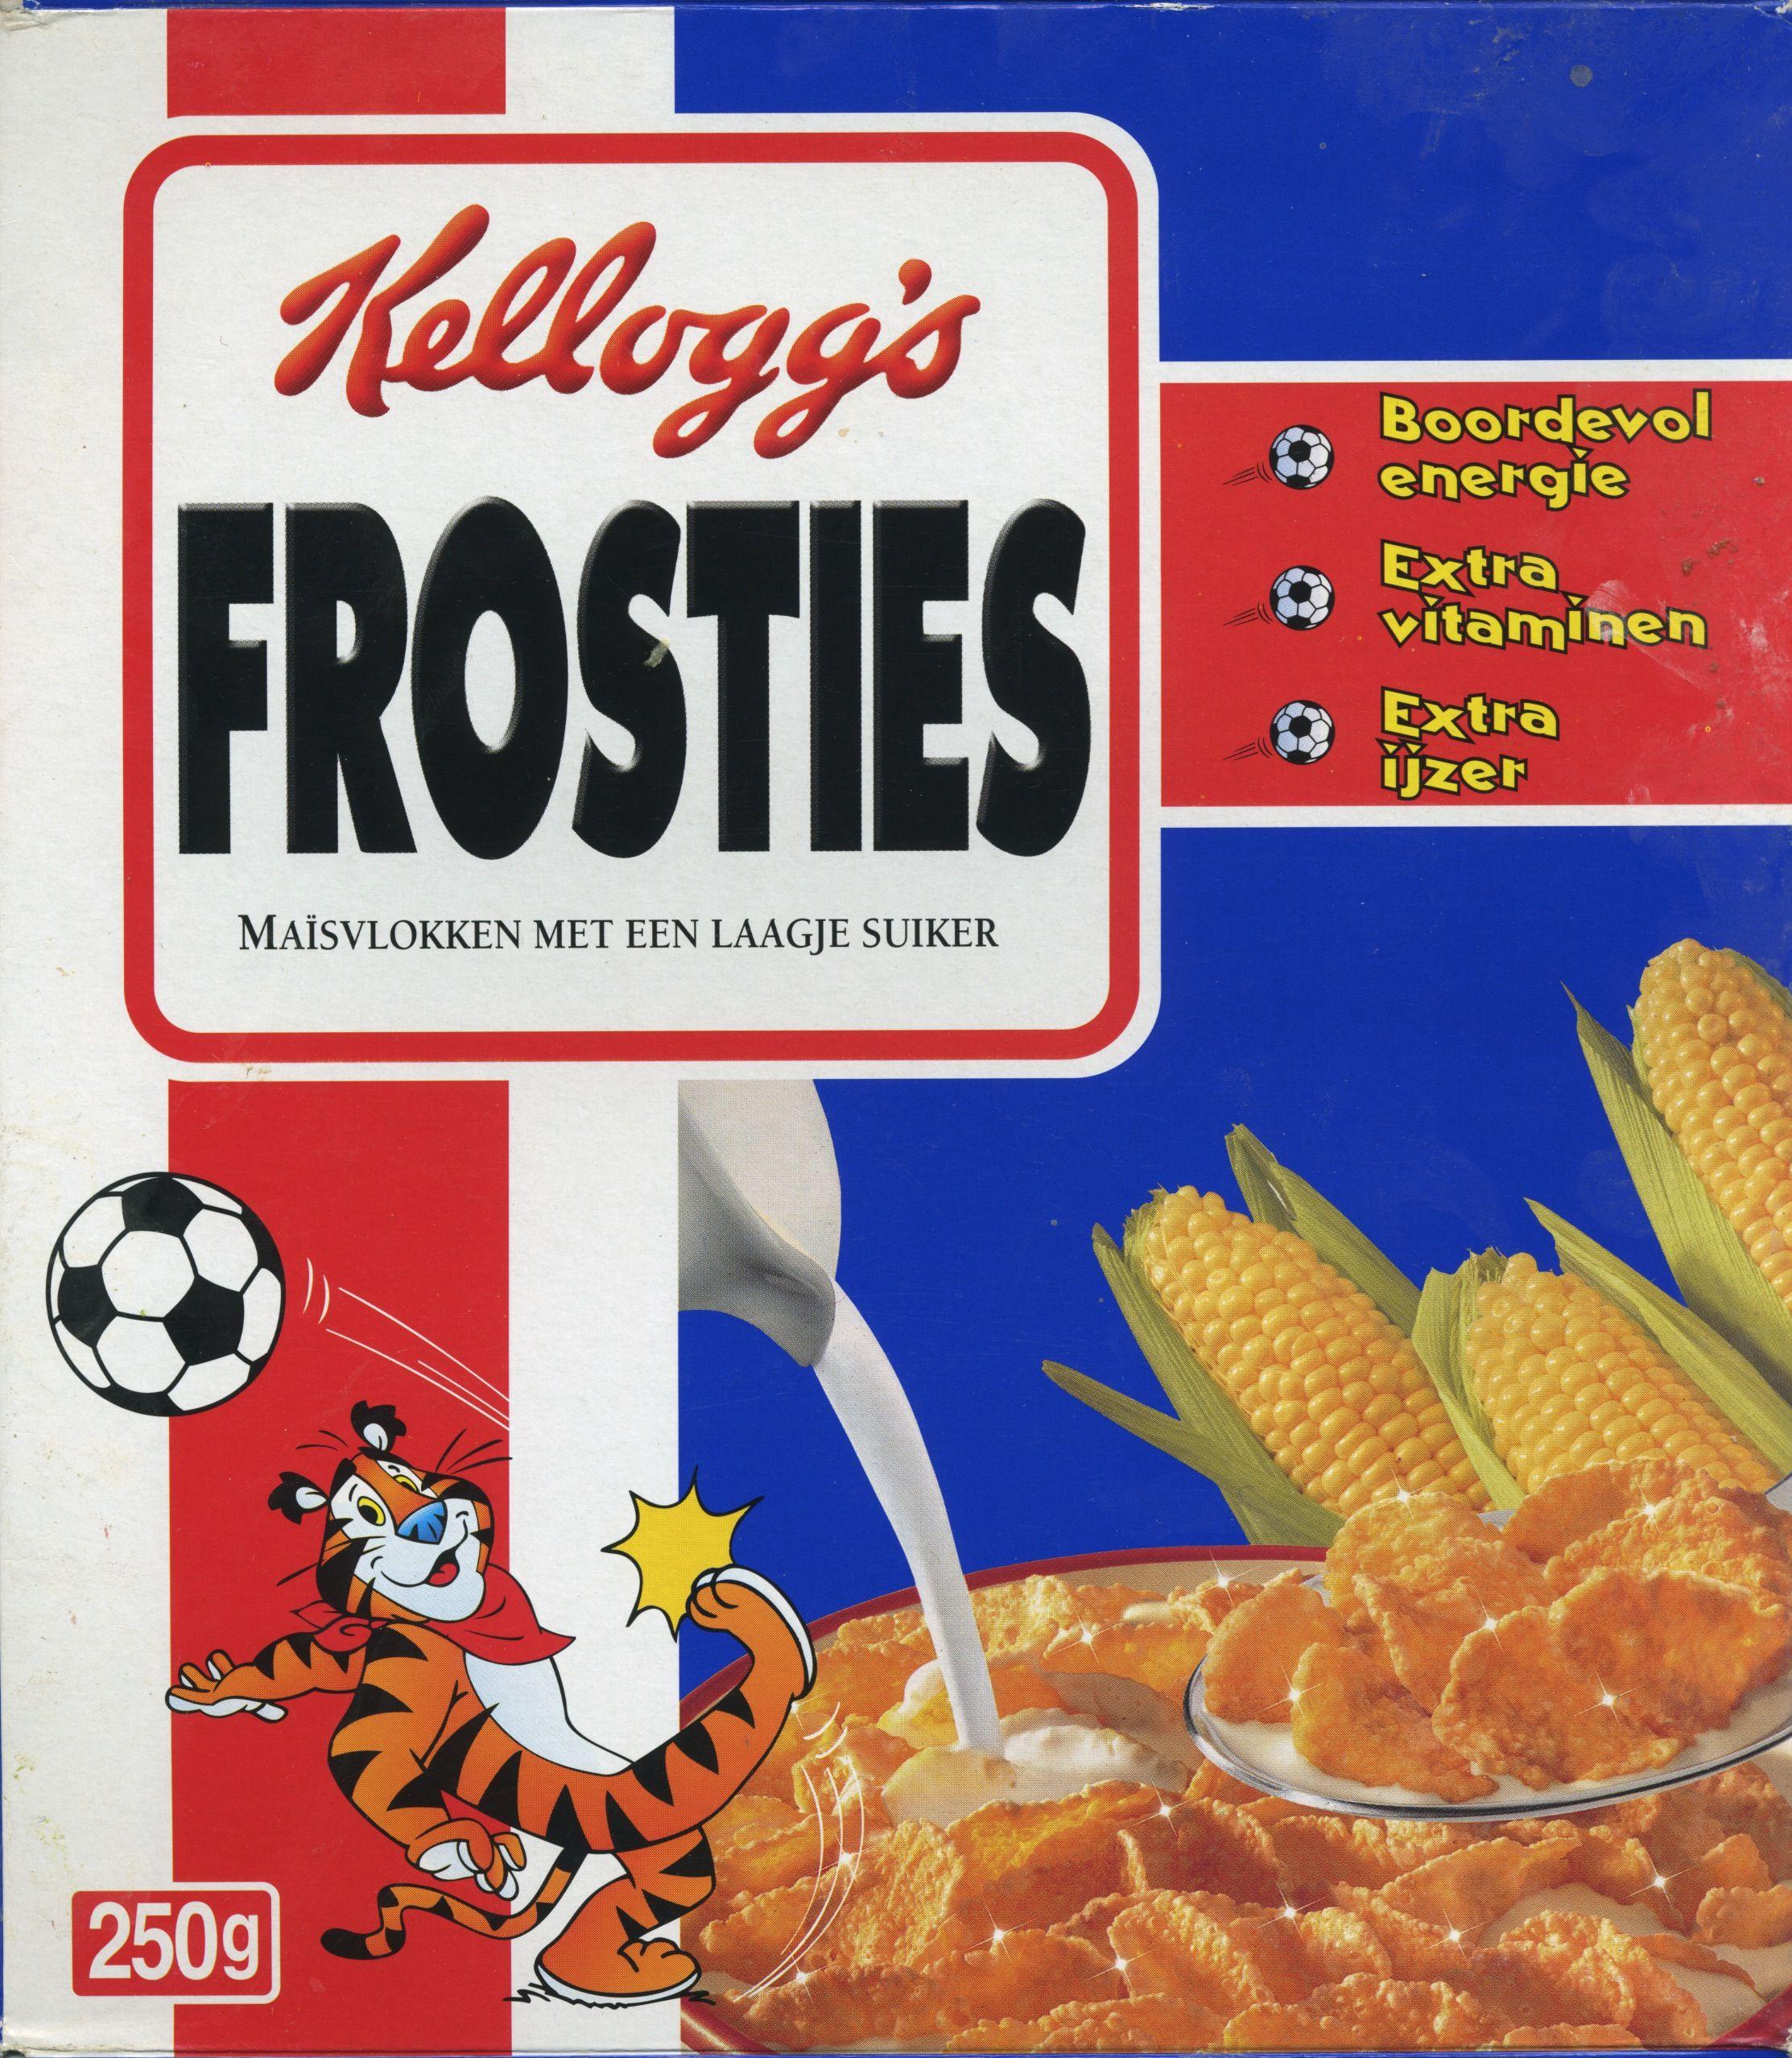 Frosties ©2001 , Kellogg's Benelux